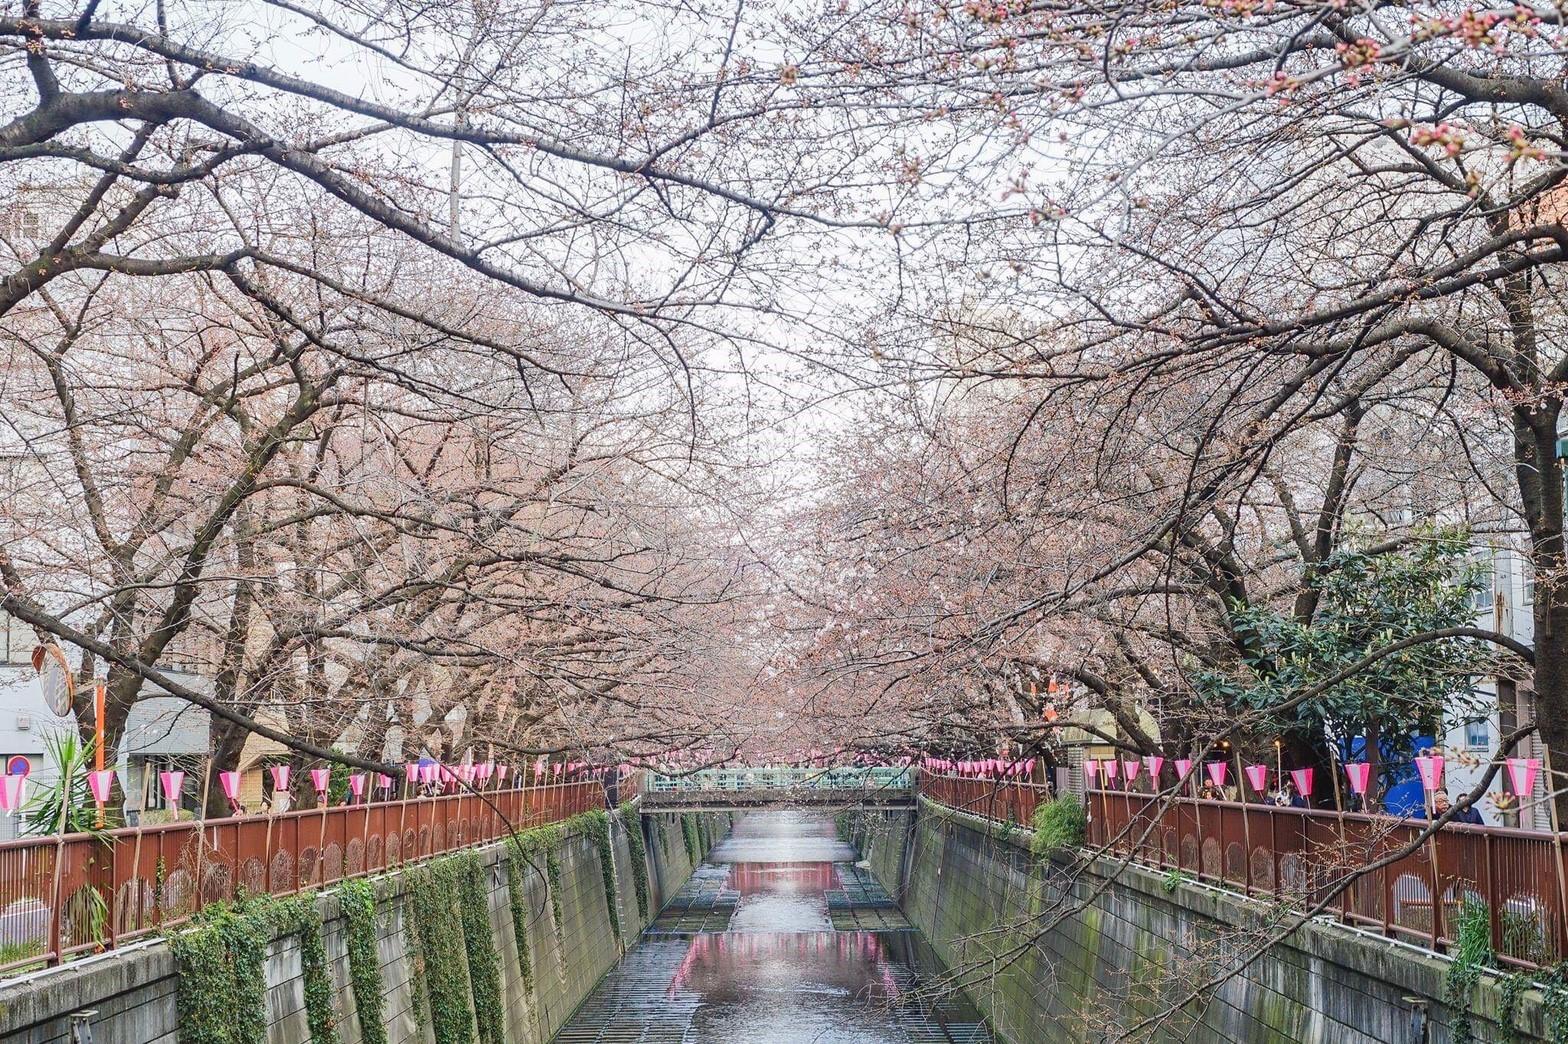 東京目黑川八幡宮櫻花已盛開。(圖/潮流編輯 Chez Kuo提供,請勿隨意翻拍,以免侵權)